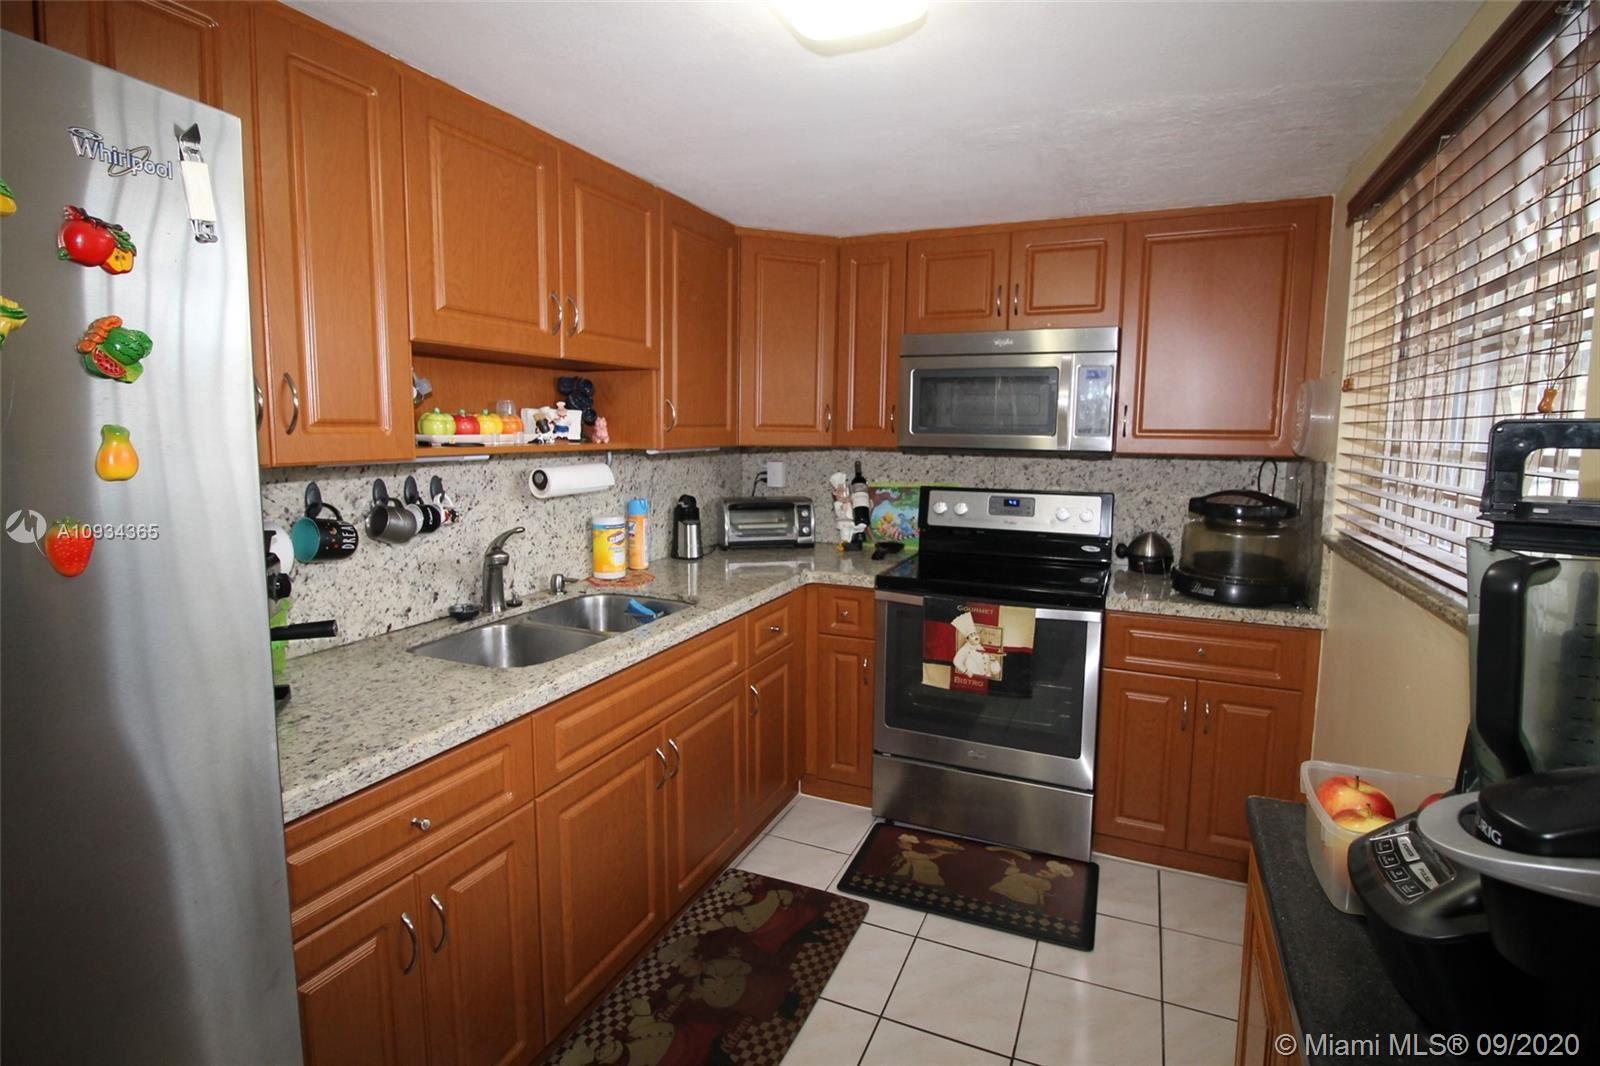 502 NW 87th Ave #111, Miami, FL 33172 - #: A10934365